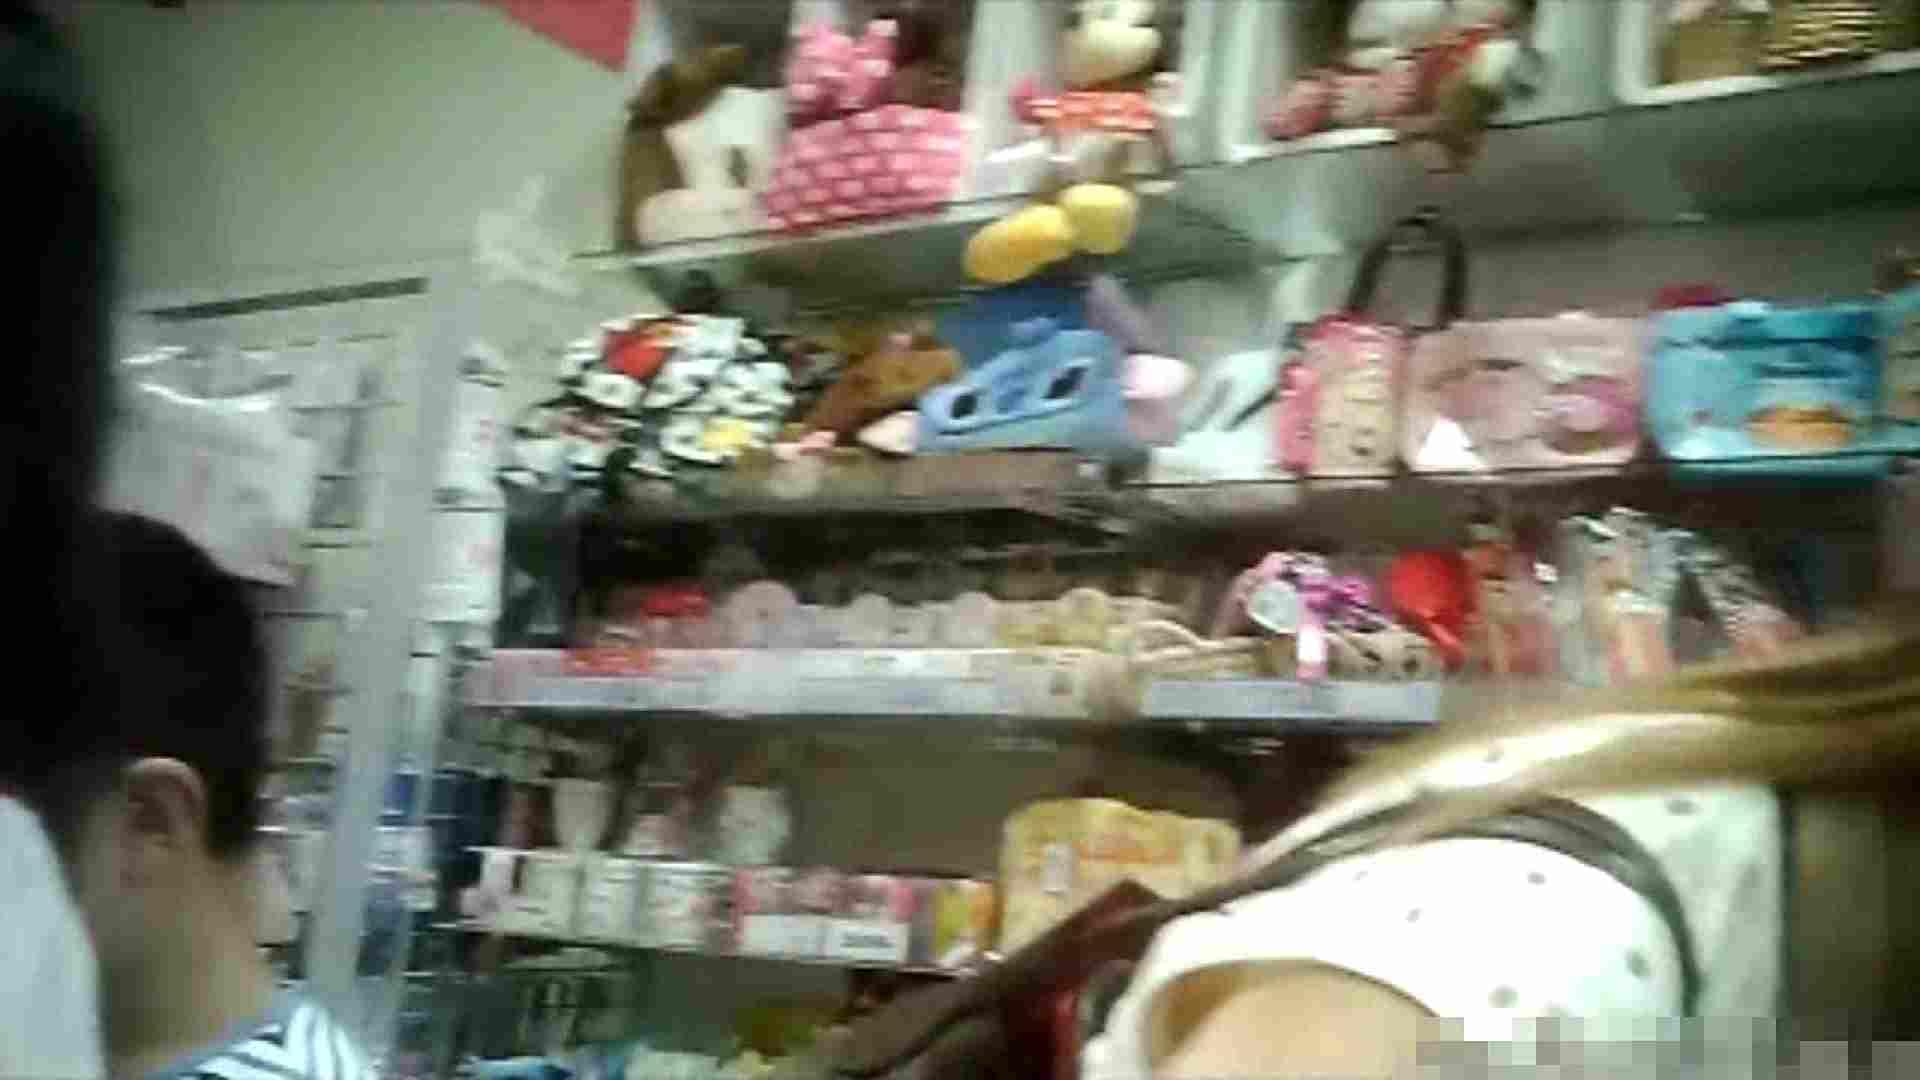 NO.5 意外に豊満な胸の雑貨屋で物色中のお女市さん 胸チラ  66PIX 48